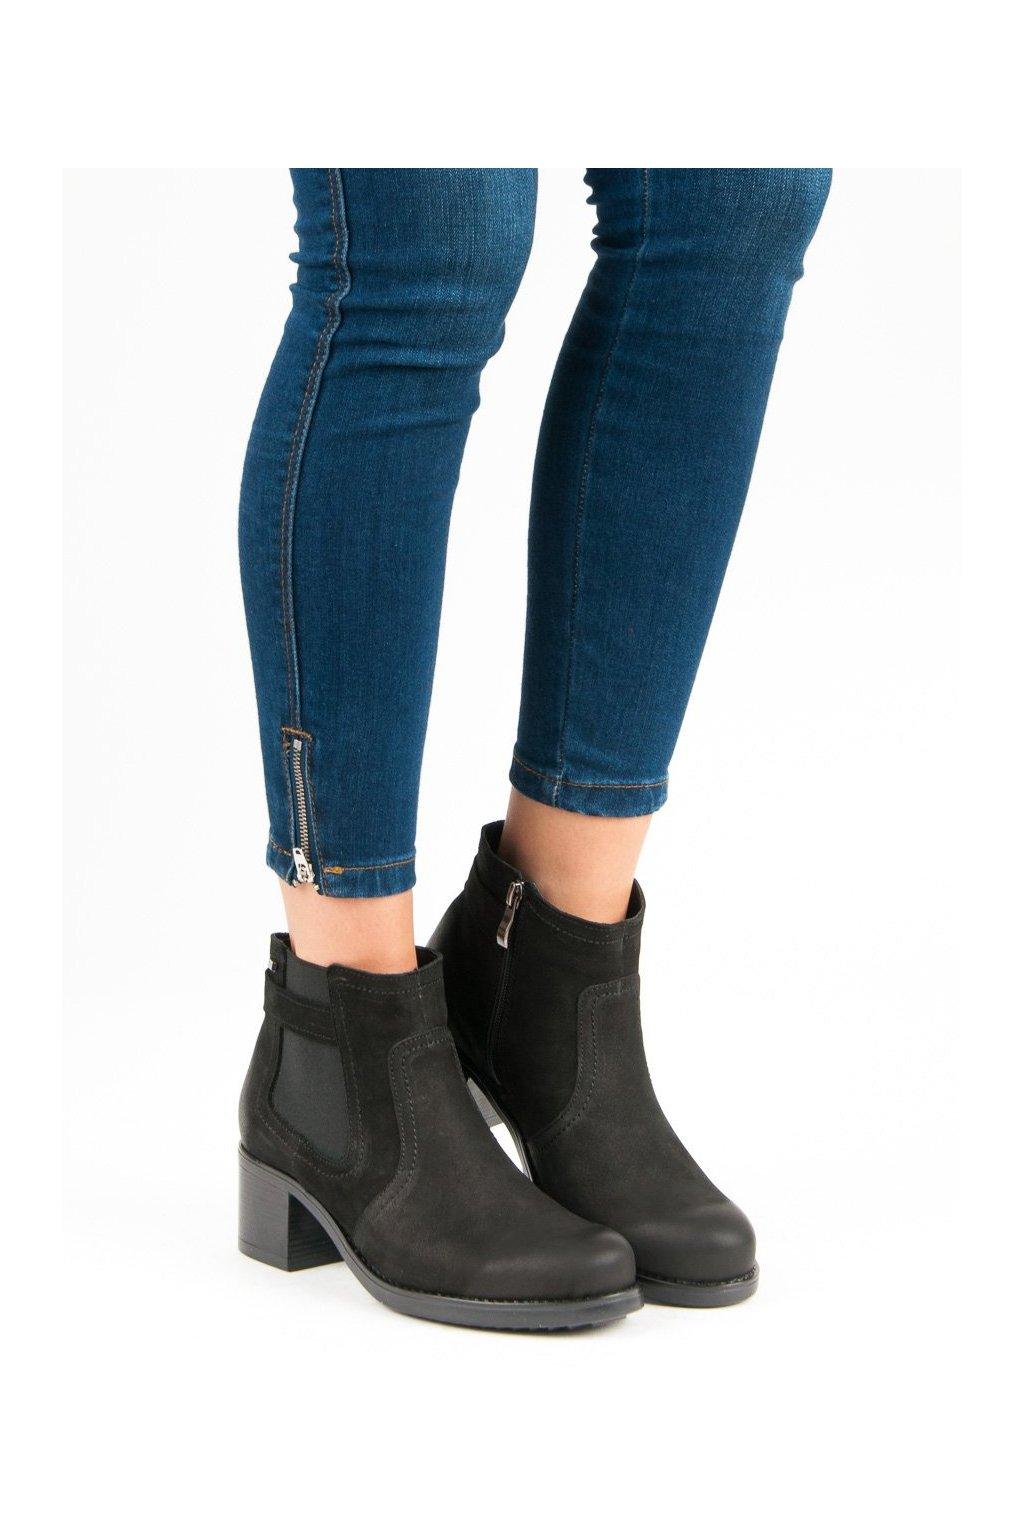 Čierne topánky Vinceza kod 1280/5B